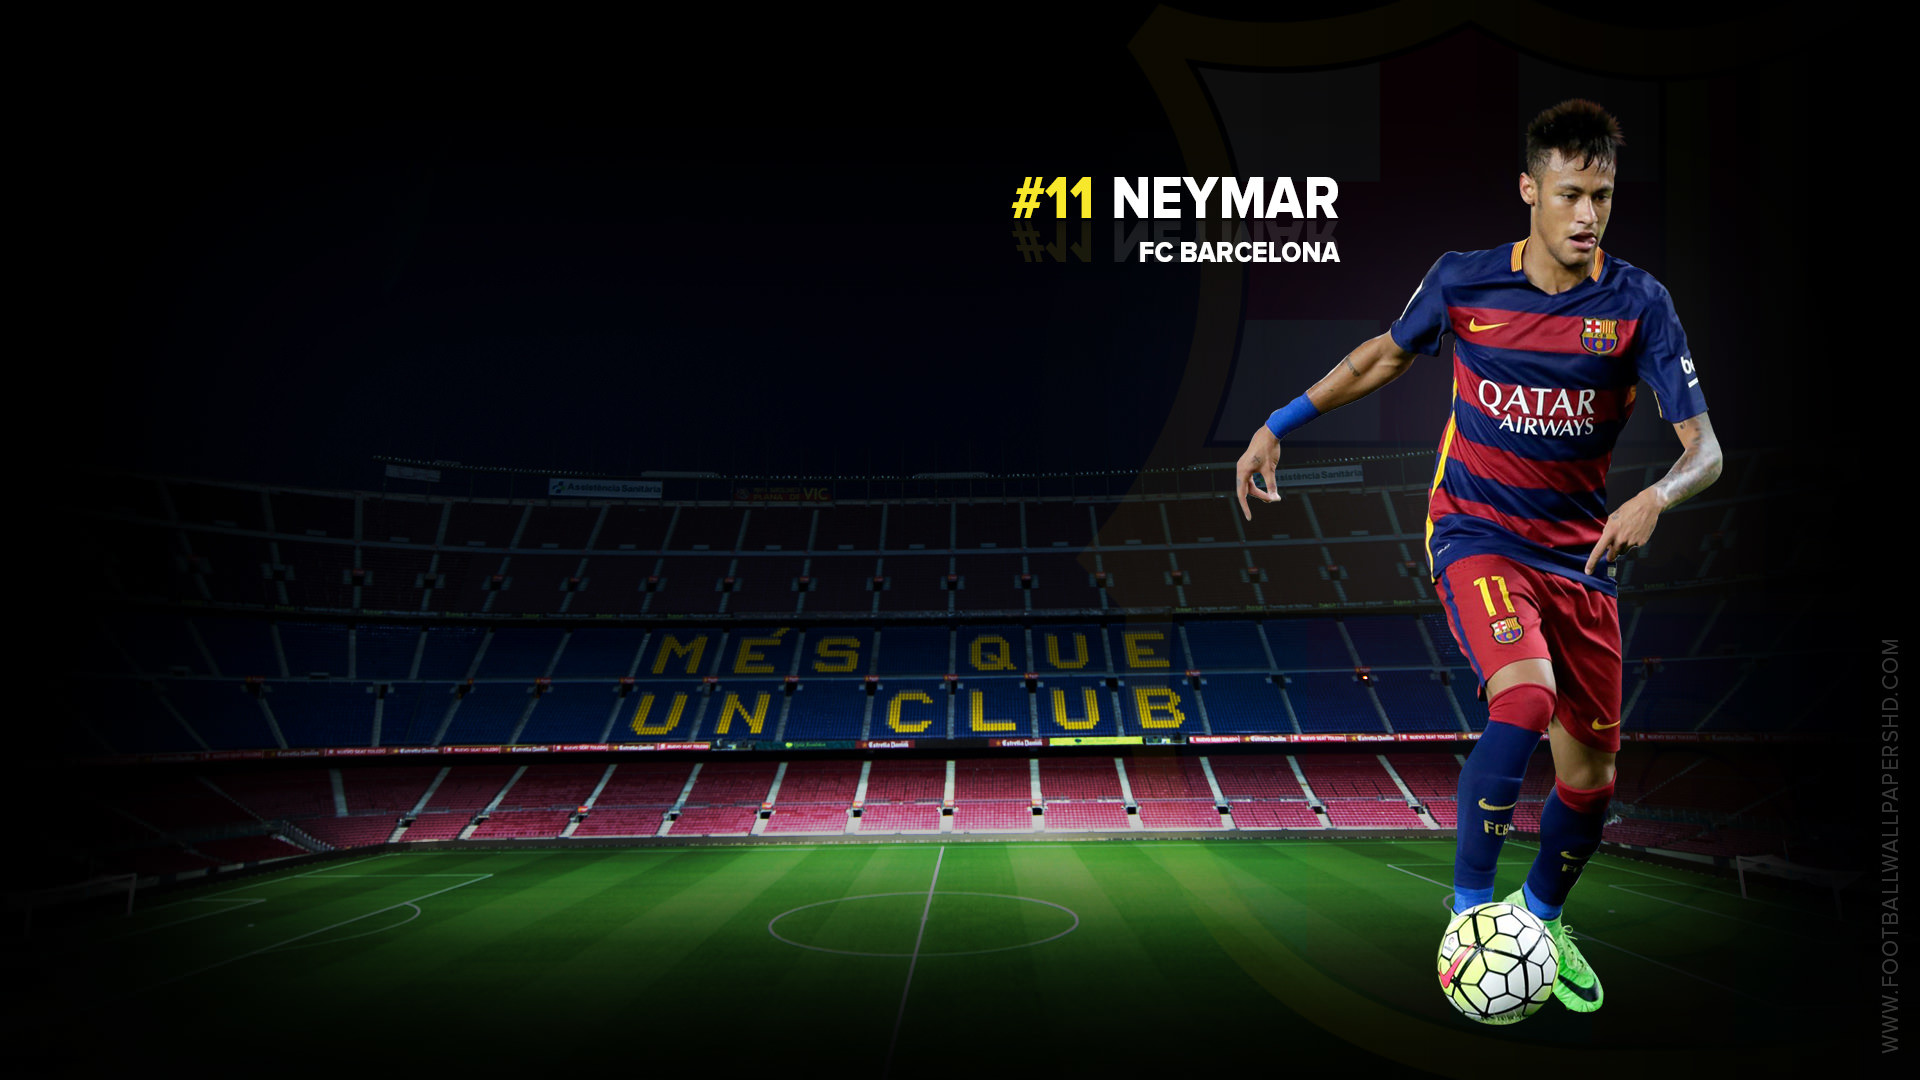 Ronaldo Messi Vs Cool Wallpapers